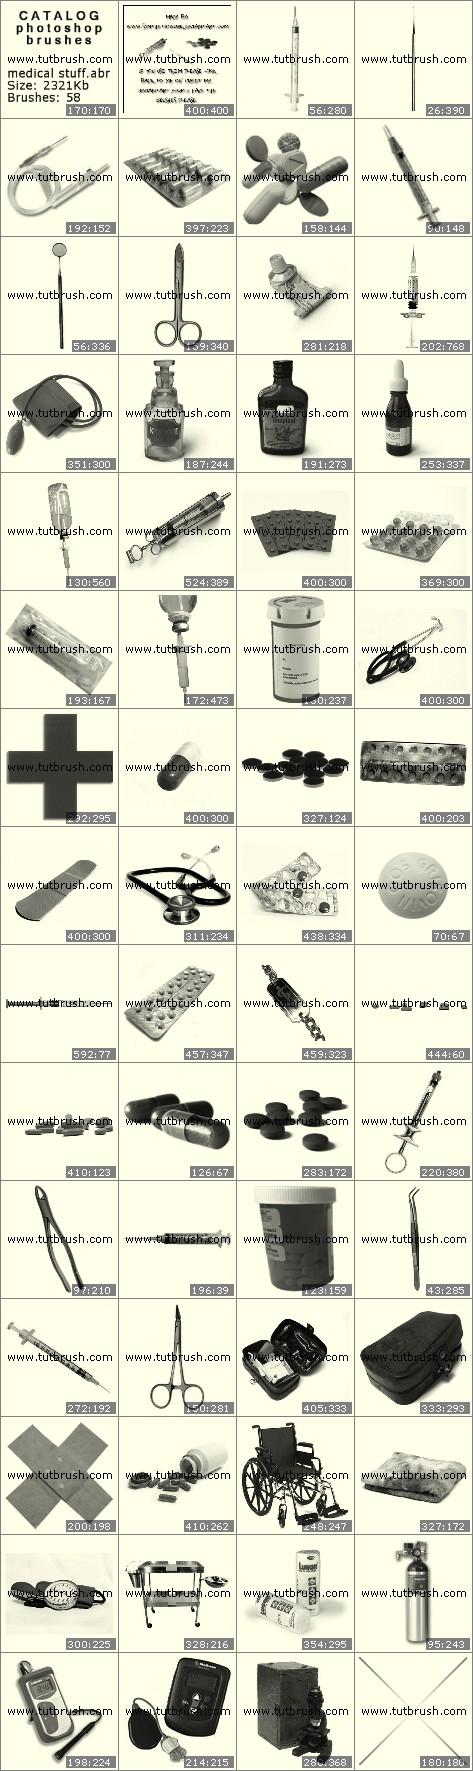 Кисти для фотошопа Медицинские инструменты и препараты